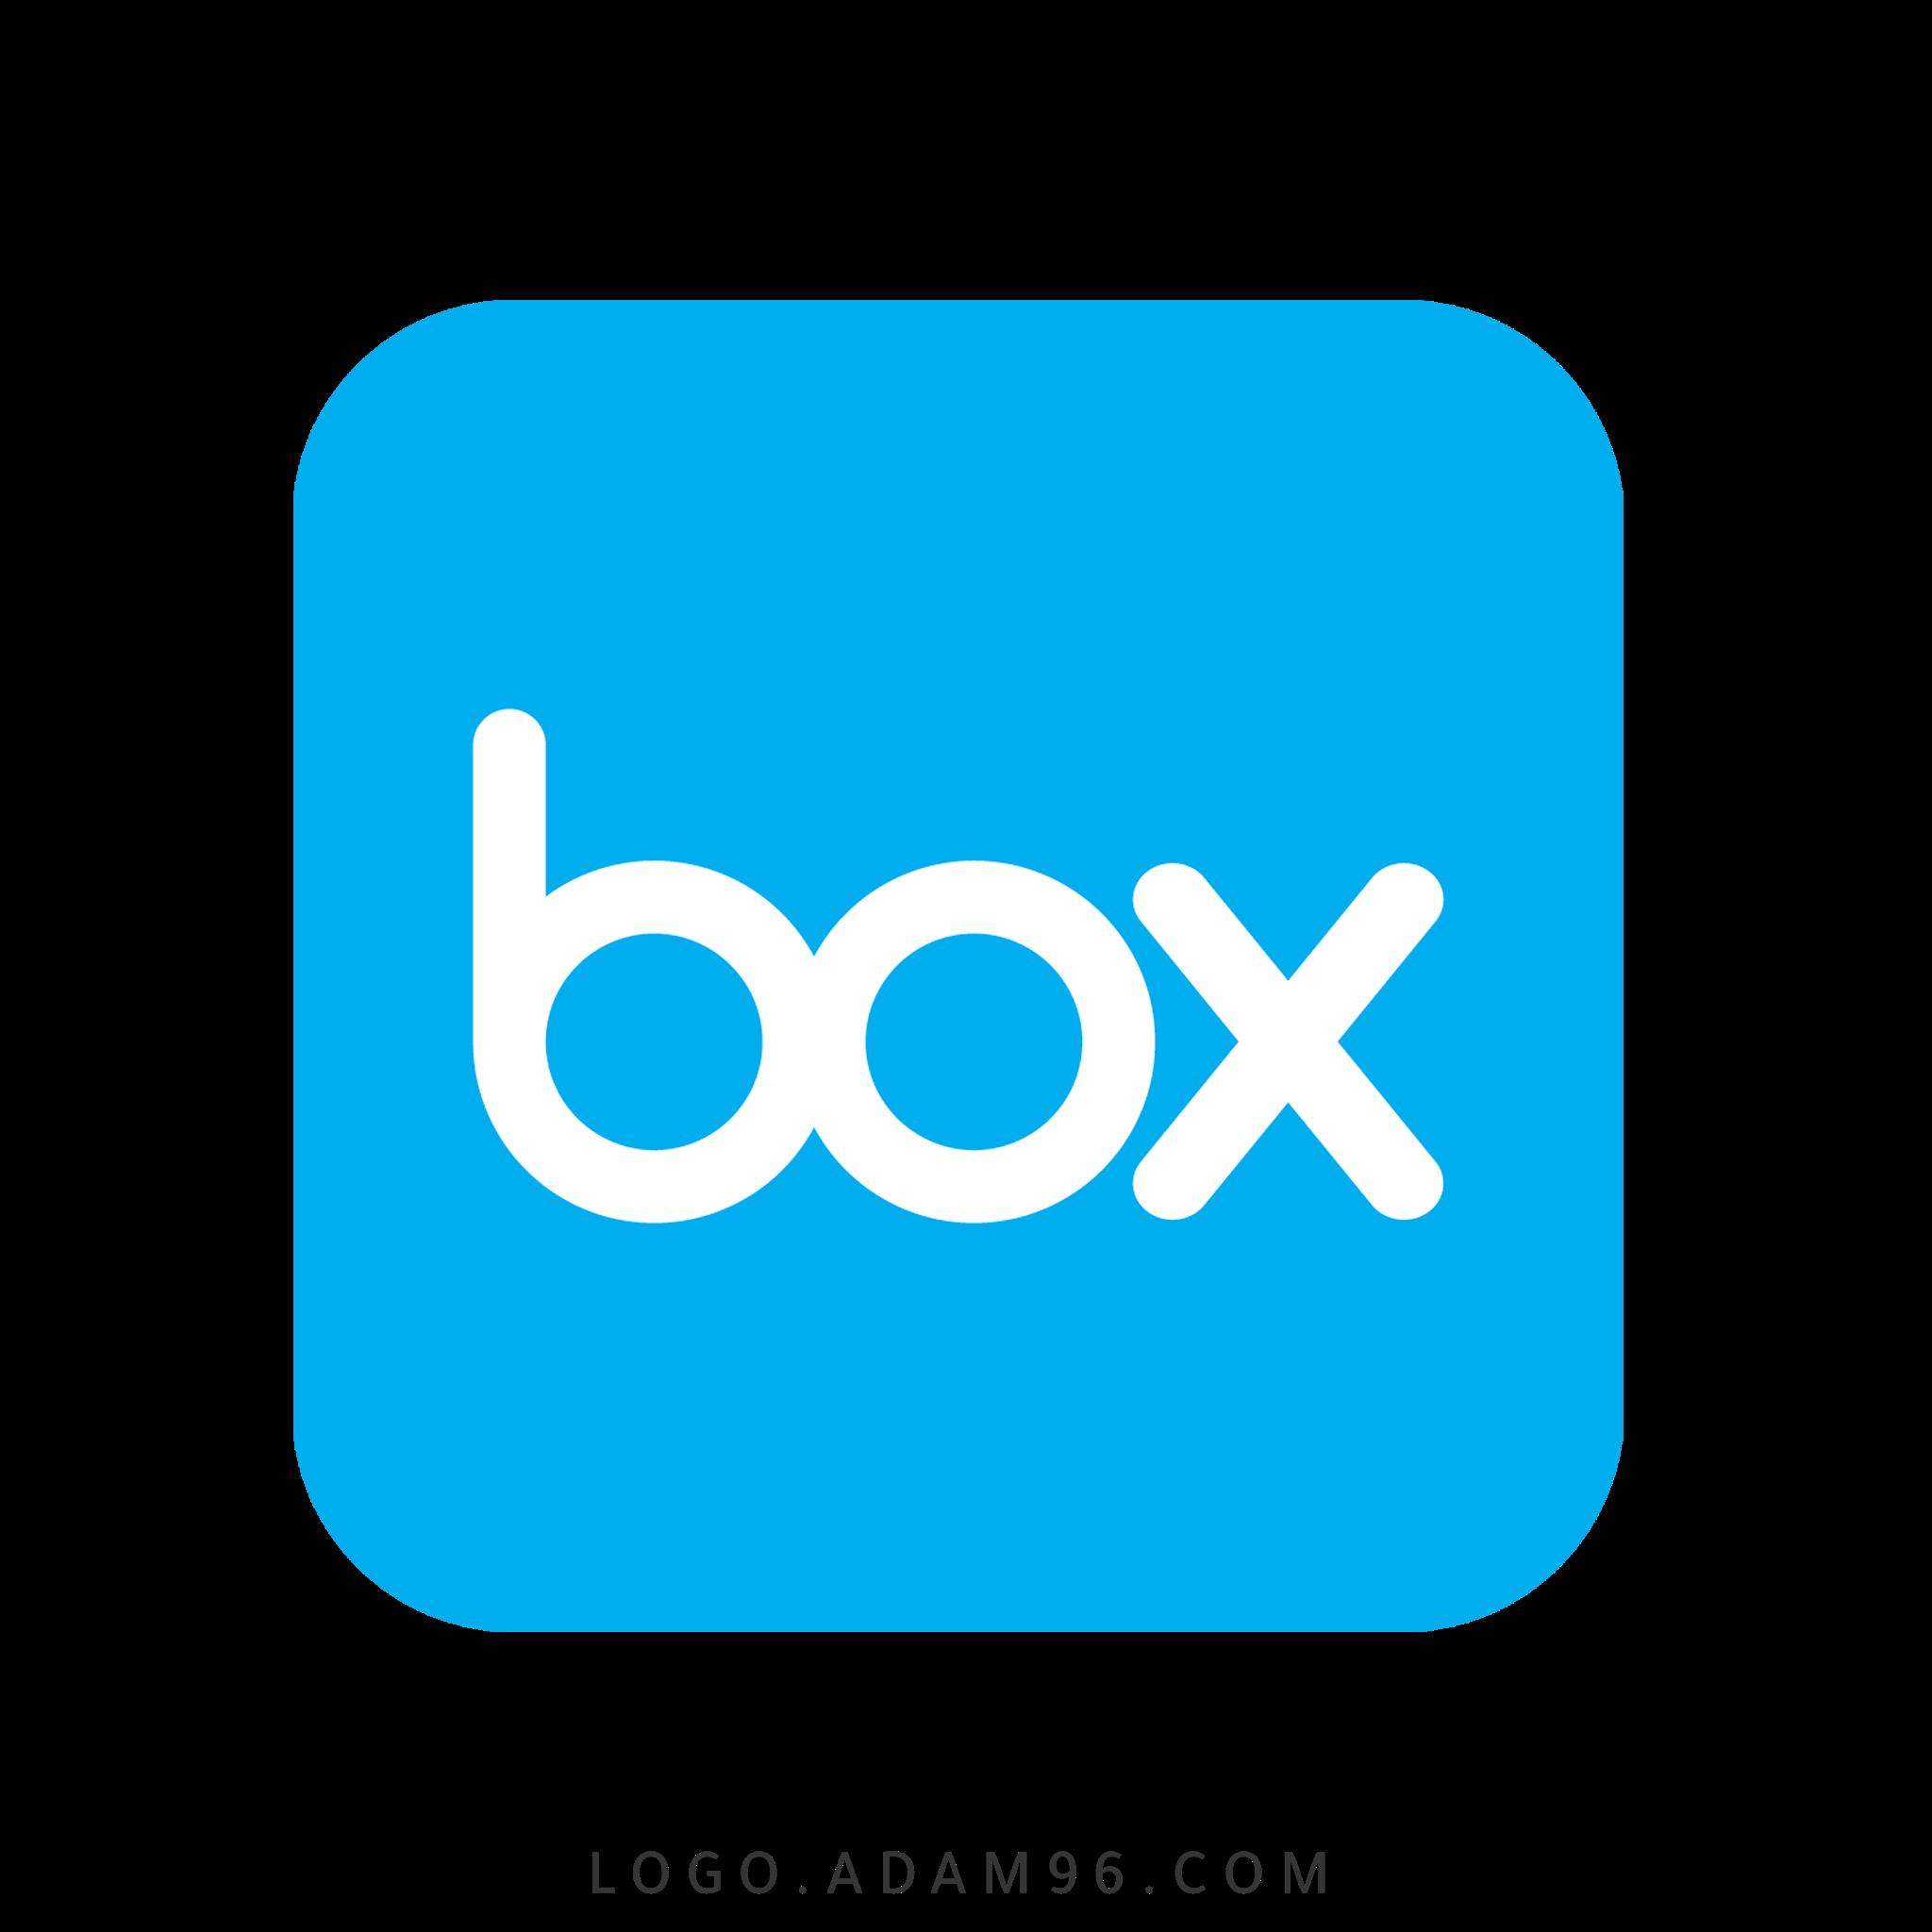 تحميل شعار موقع رفع الملفات بوكس لوجو رسمي عالي الجوده LOGO BOX PNG